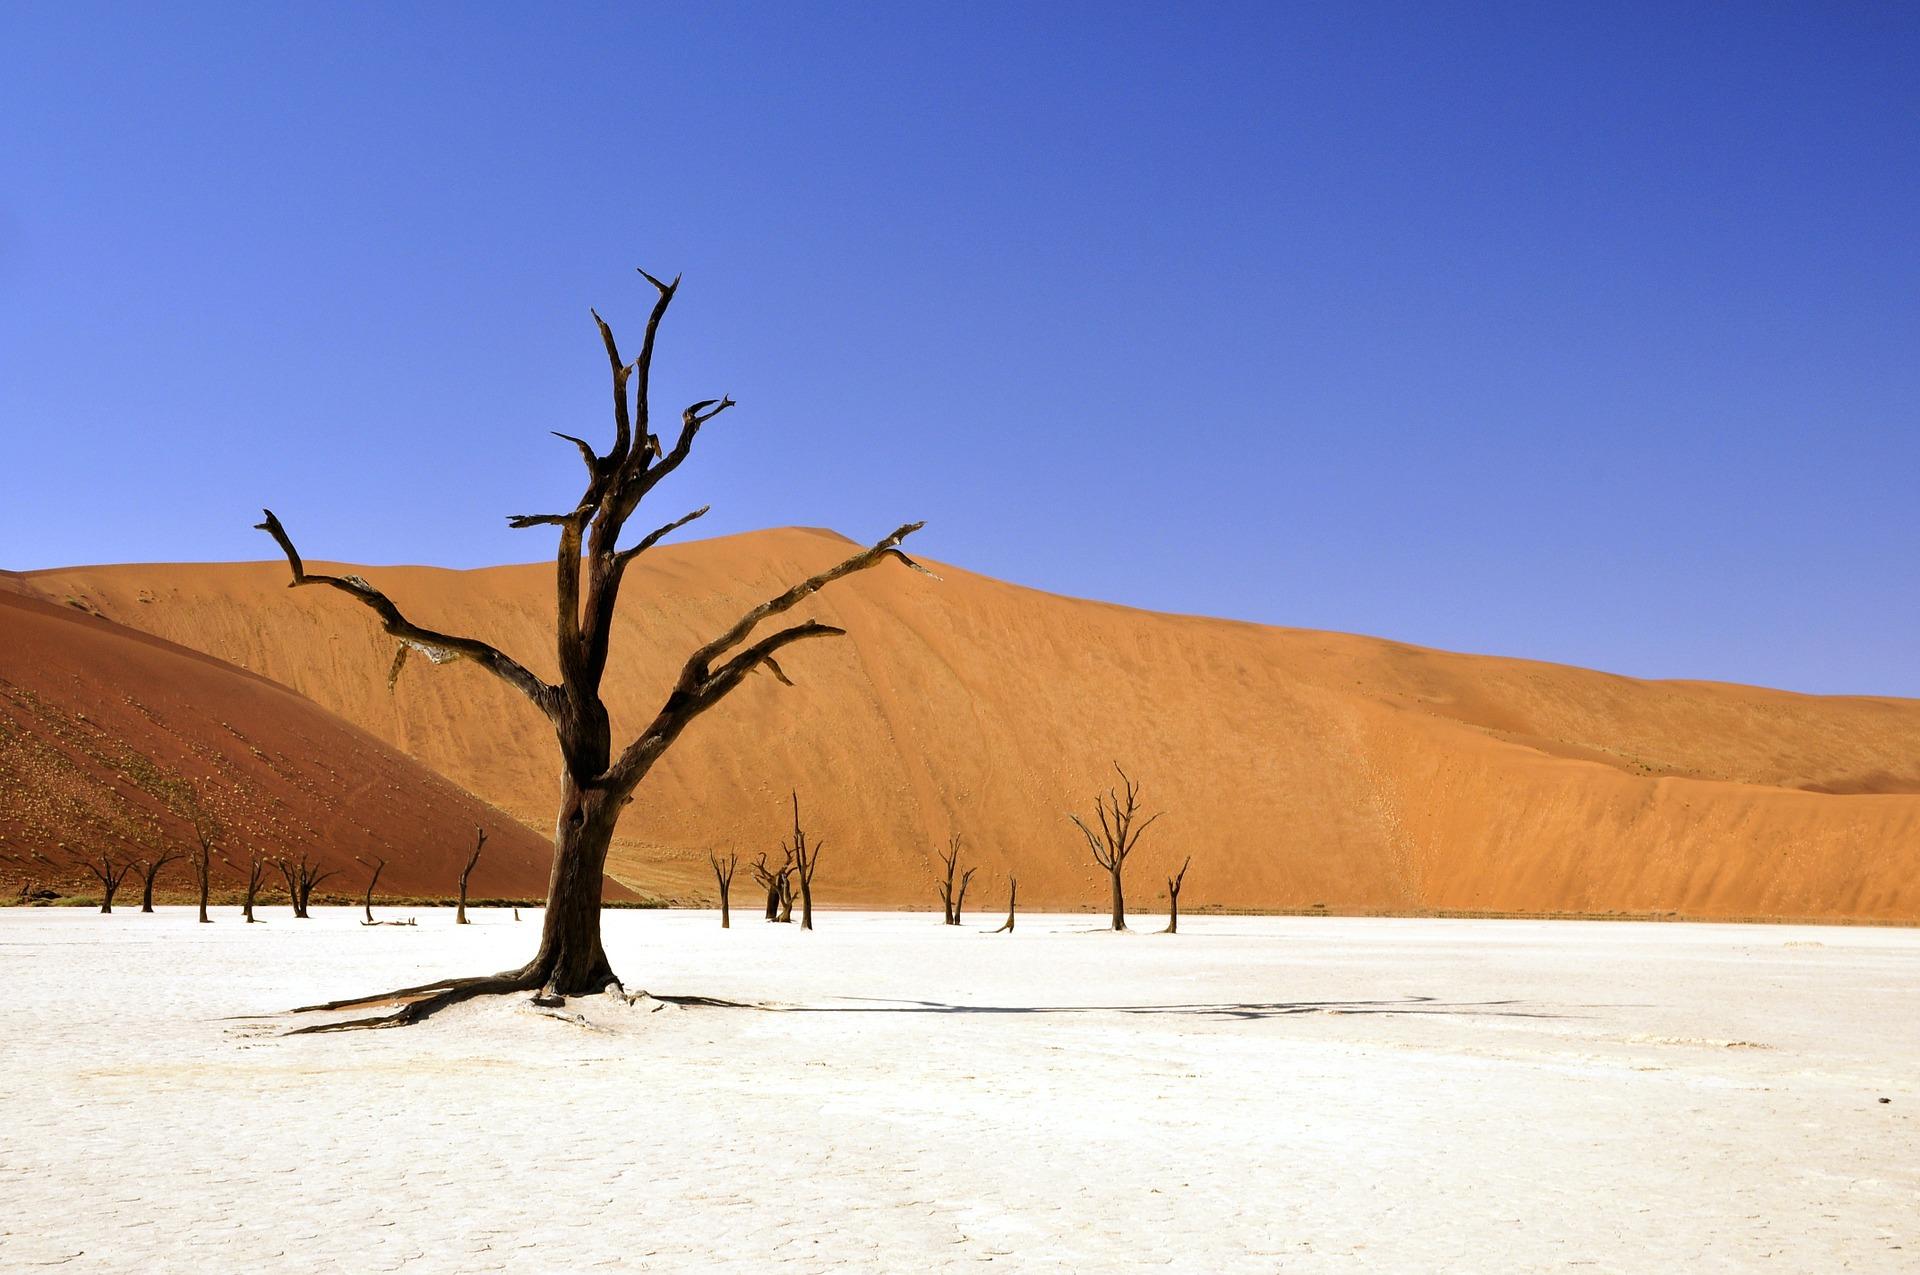 Les bases du débat climatique: Le climat pourrait causer la mort de 6 milliards de personnes